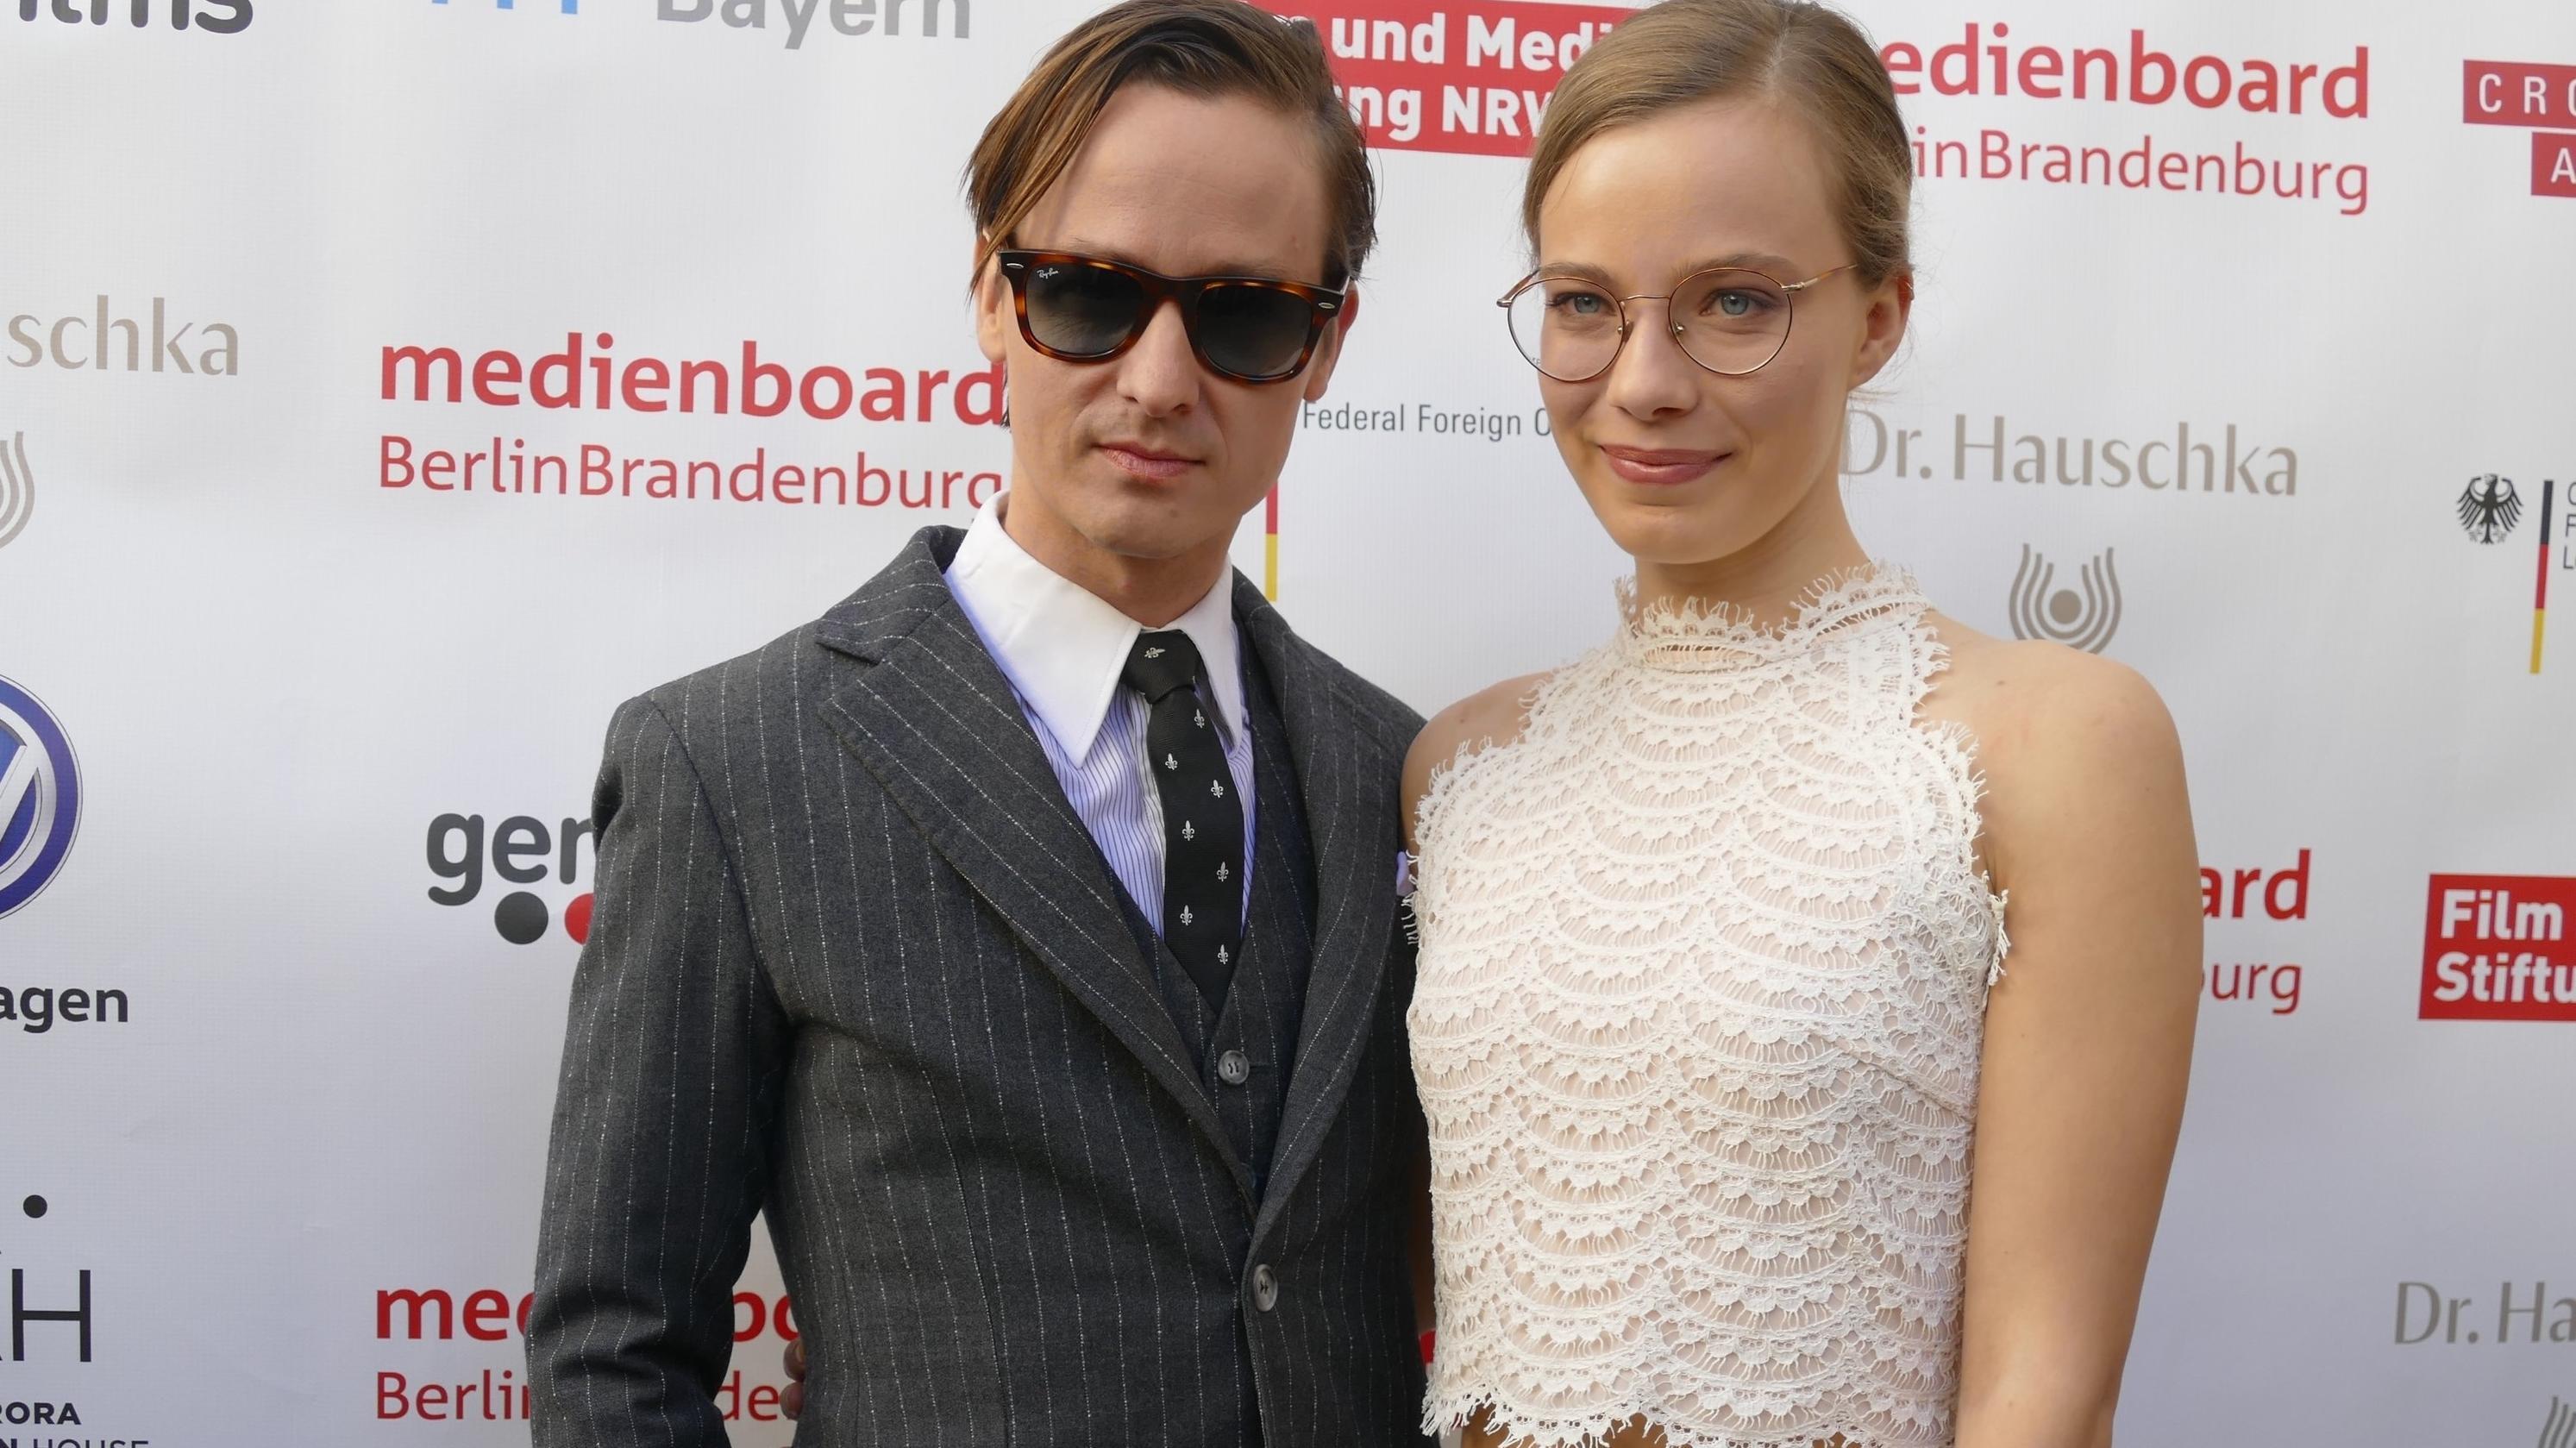 Schauspielerin Saskia Rosendahl und Kollege Tom Schilling beim traditionellen Empfang für die deutschen Oscar-Anwärter in der Villa Aurora.